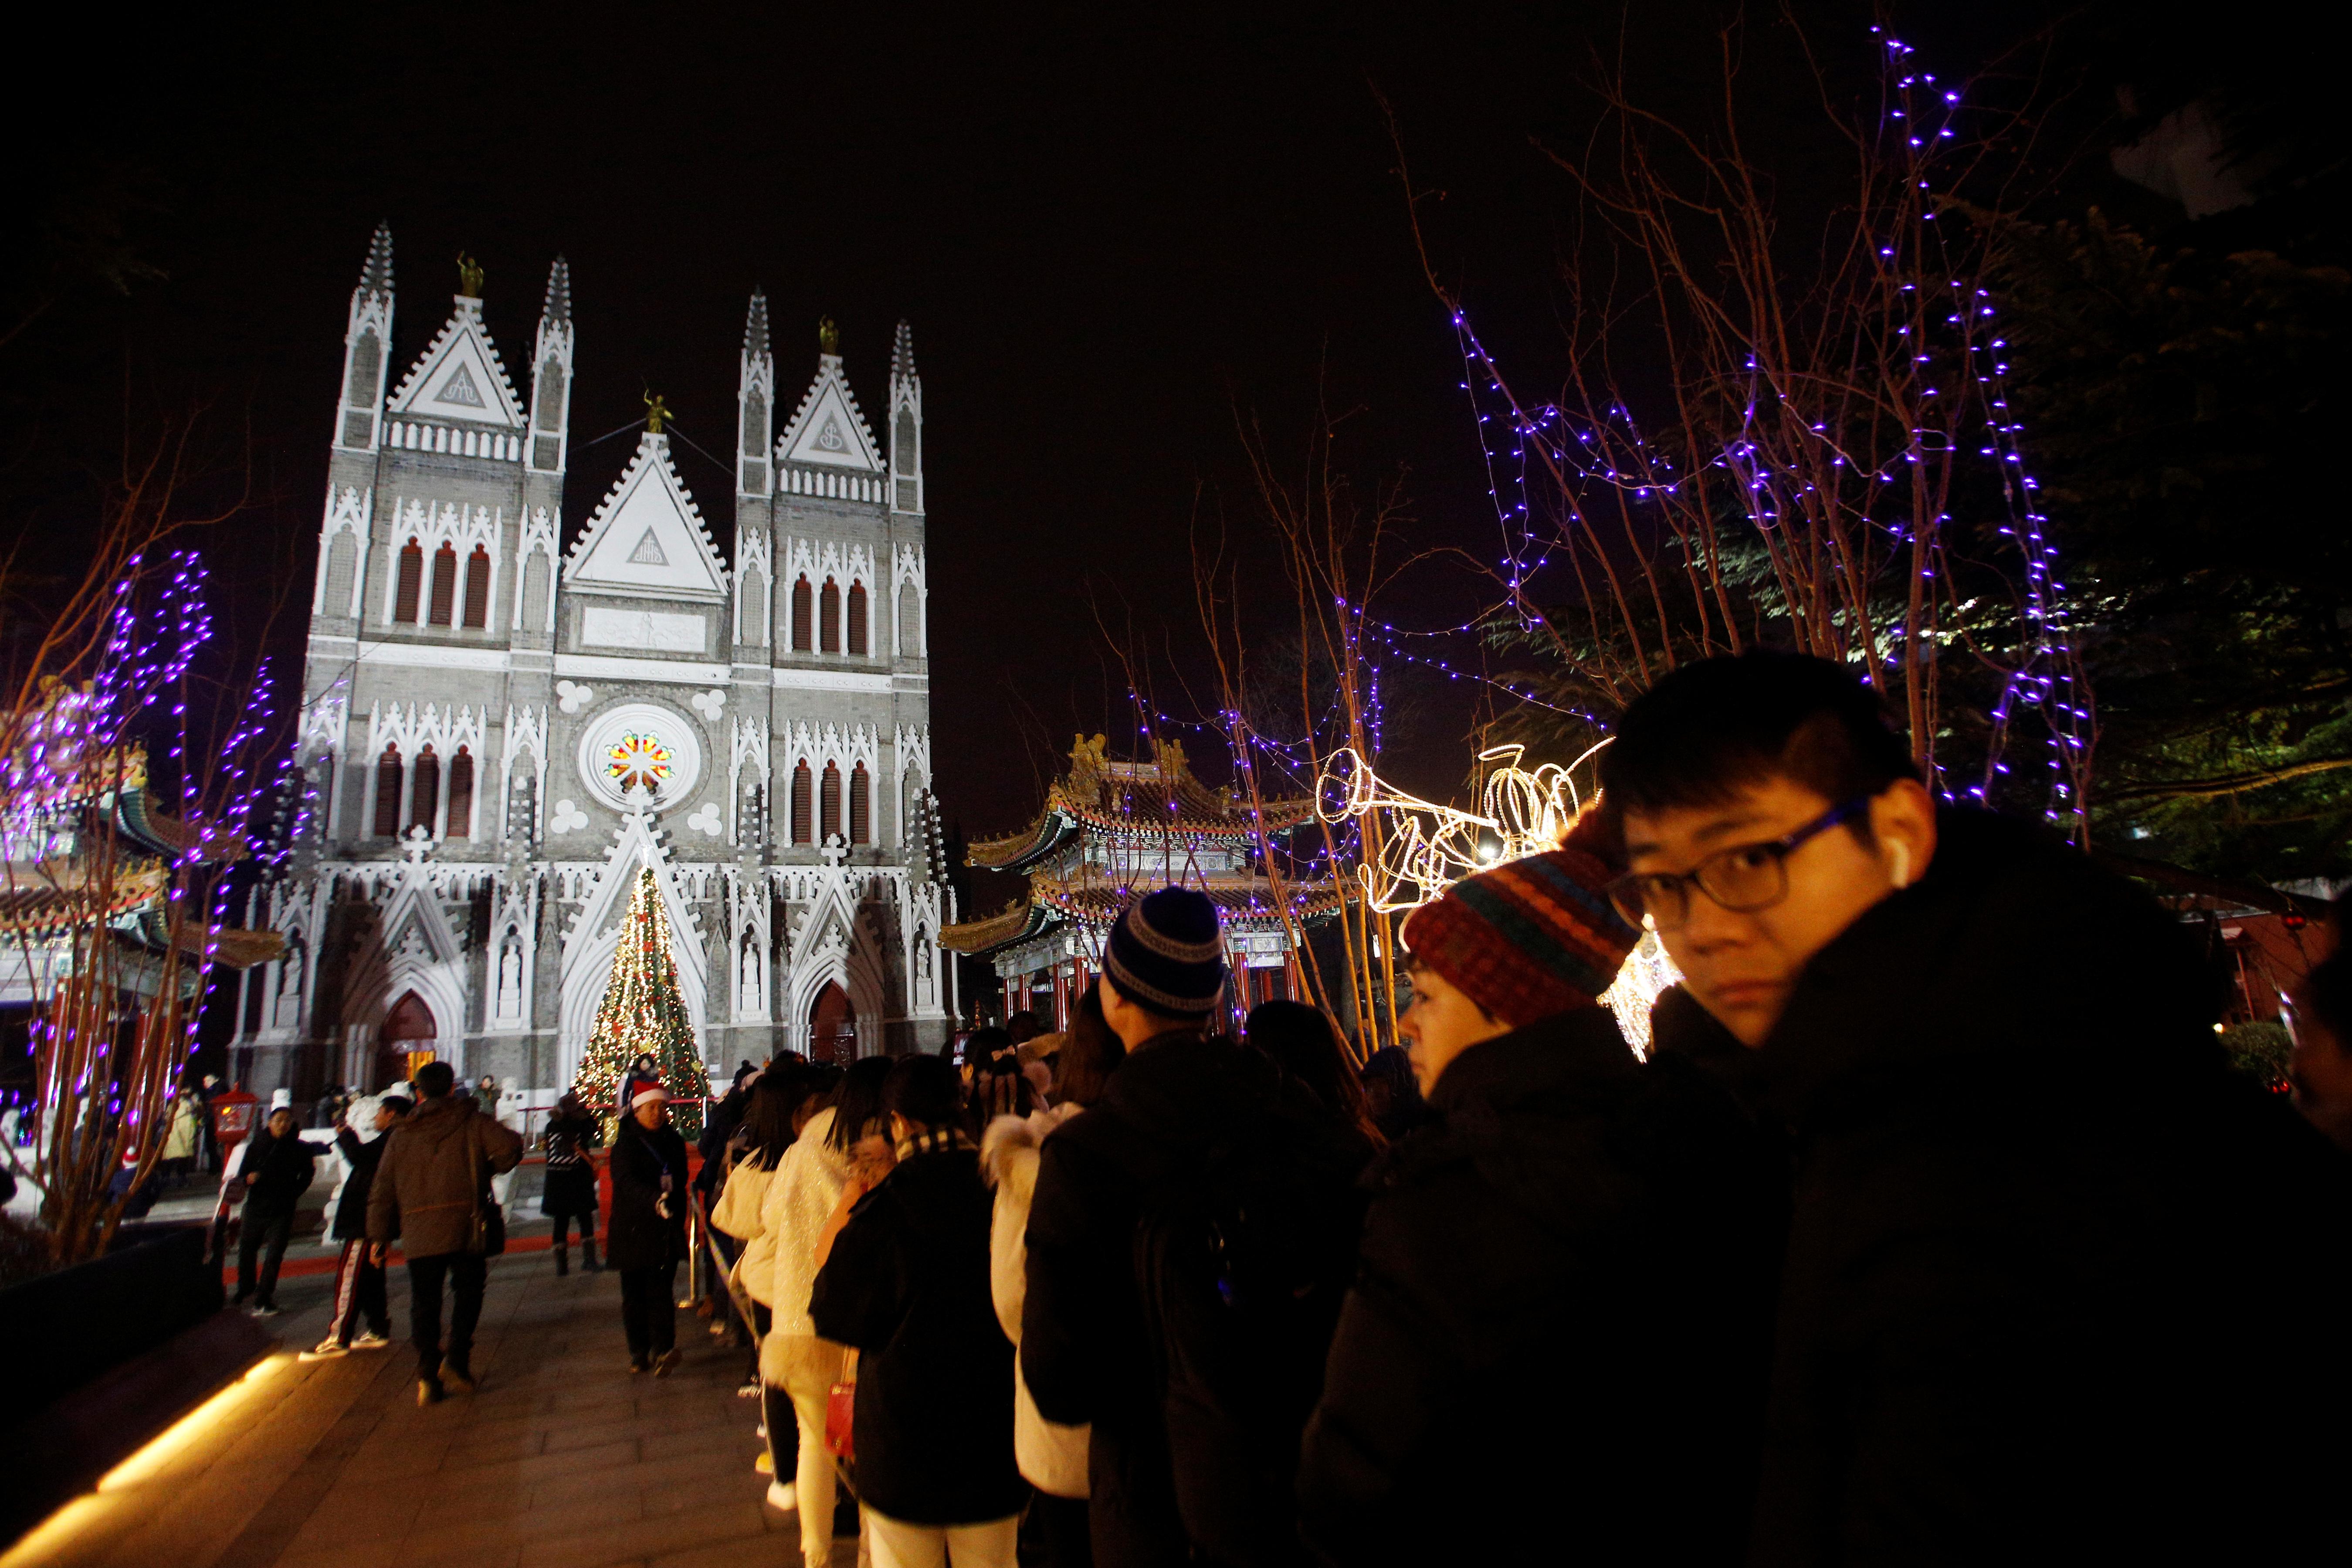 圣诞节现在不仅是基督徒的节日,也正日渐成为中国众多不信教年轻人的习惯。北京西什库天主教堂周二晚涌入大量民众,体验平安夜的节日气氛。-路透社-